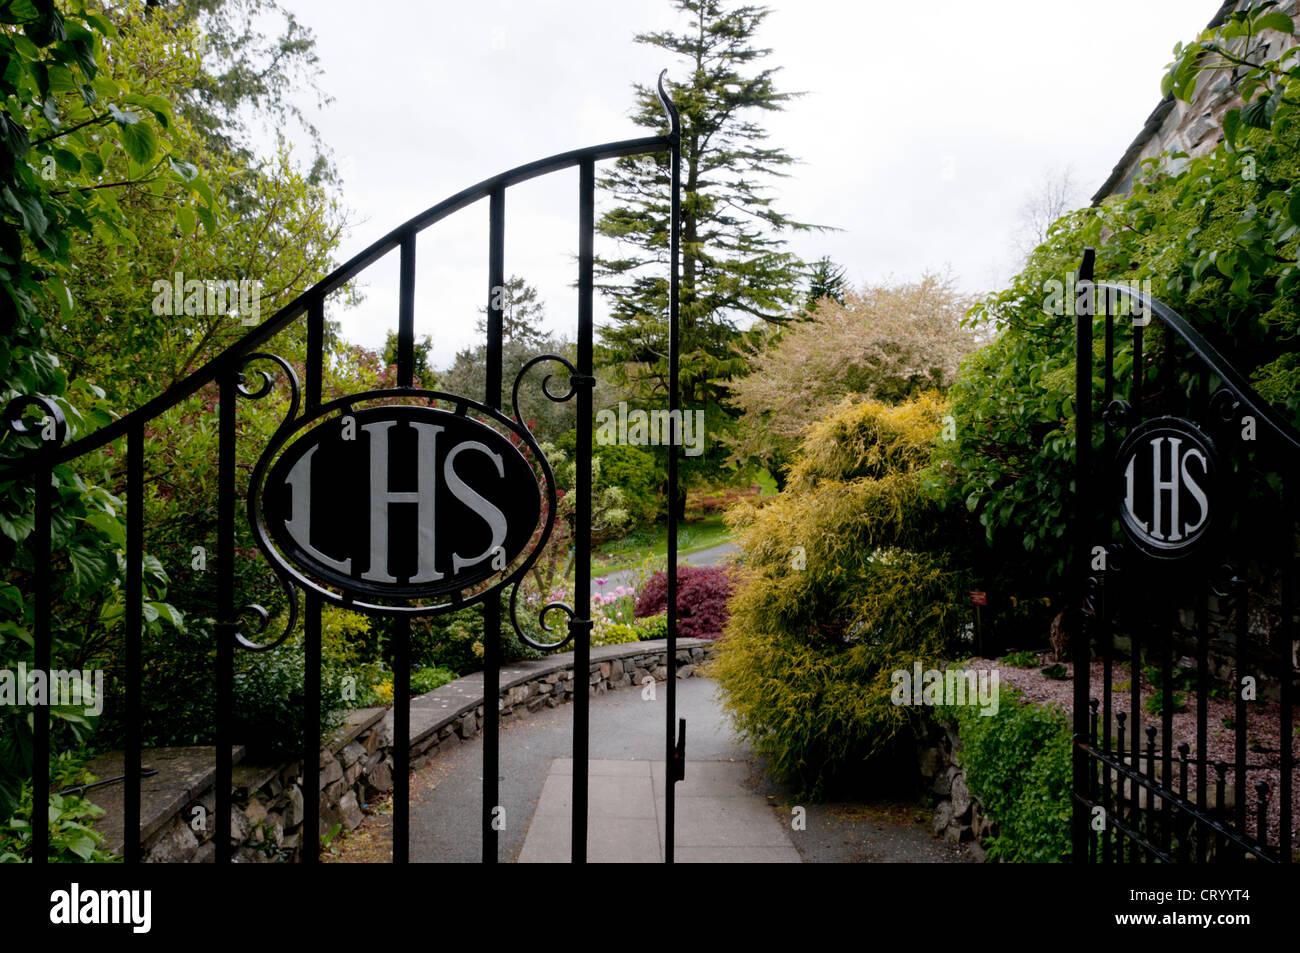 Gates at entrance to Lakeland Horticultural Society gardens at Holehird. Stock Photo